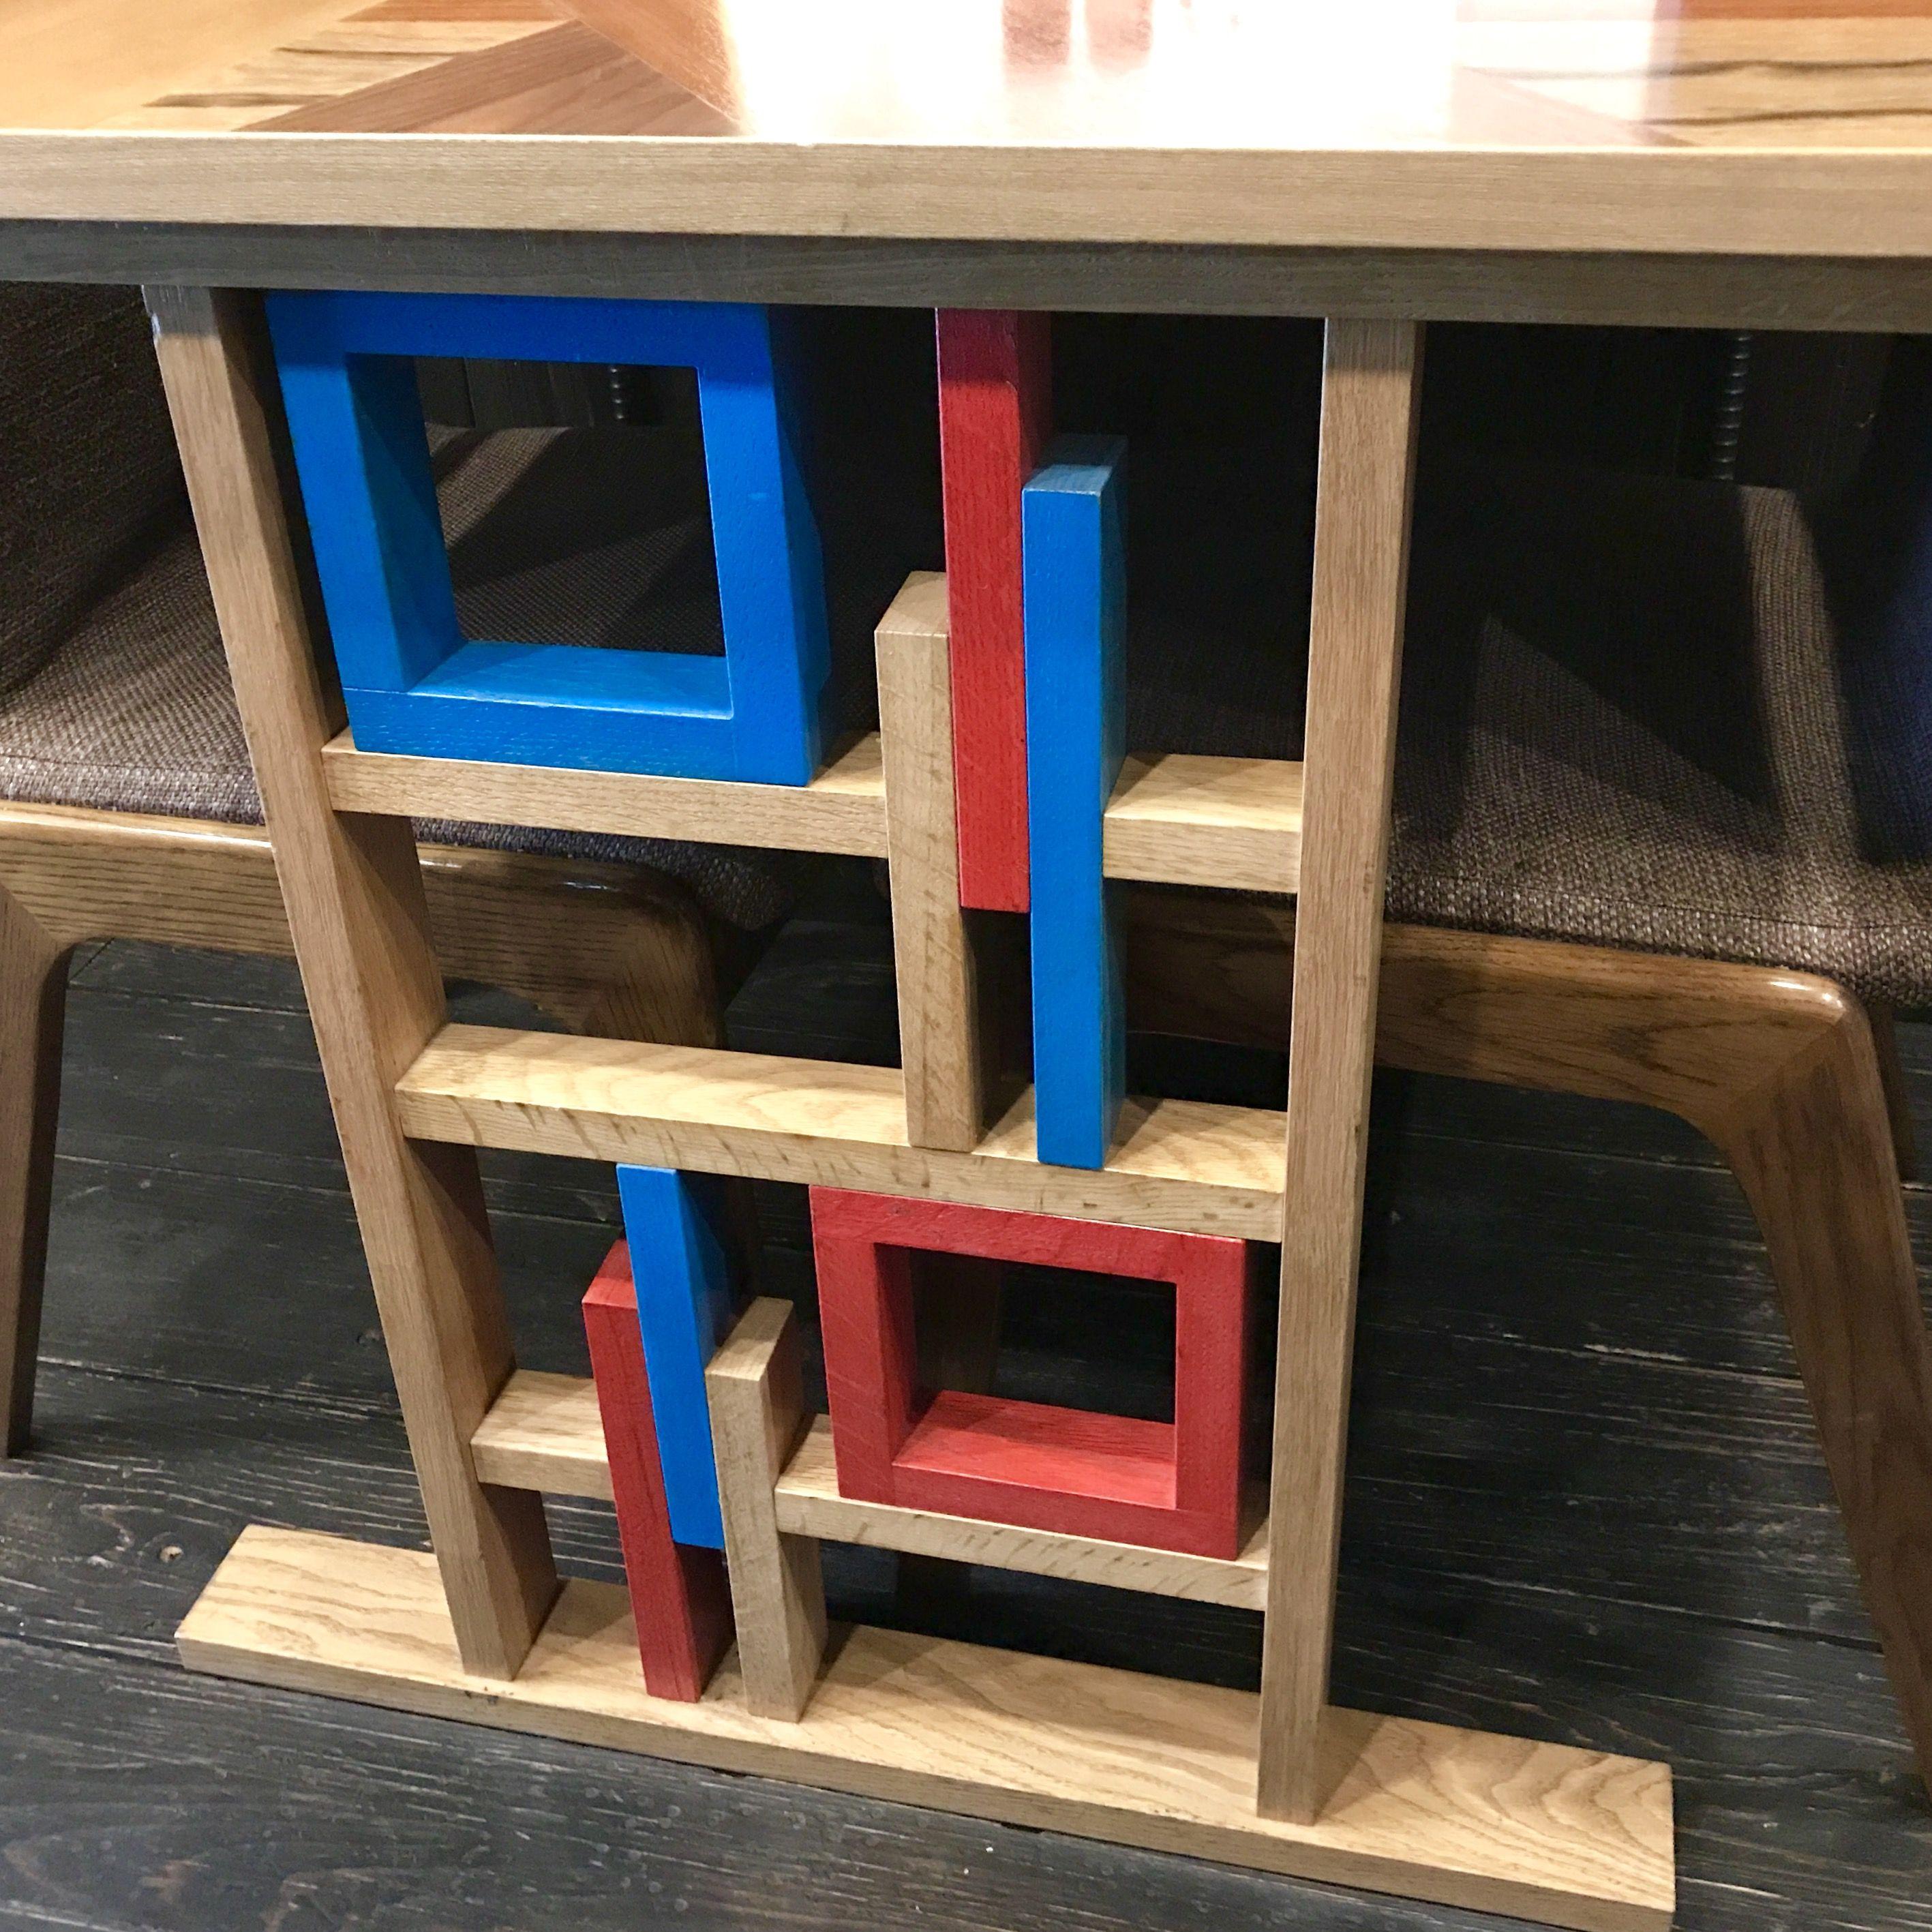 ビビッドなカラーを対照的に使った木製の脚